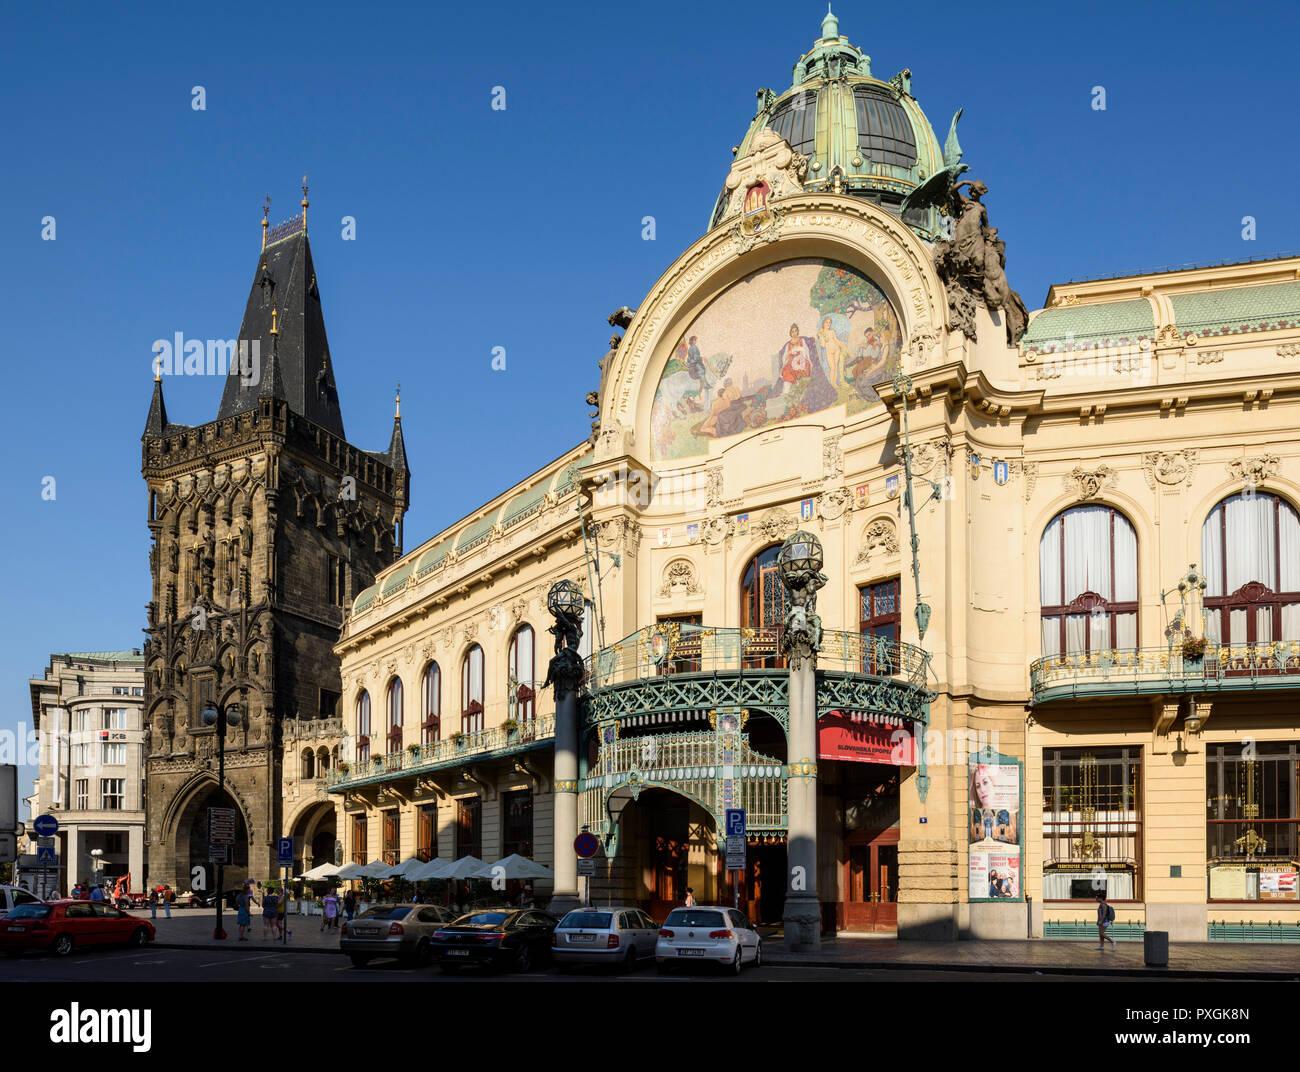 Prague. Czech Republic. The Art Nouveau Obecní dům (Municipal House) on náměstí Republiky, and 15th century Powder Gate.  Obecní dům designed by Anton Stock Photo